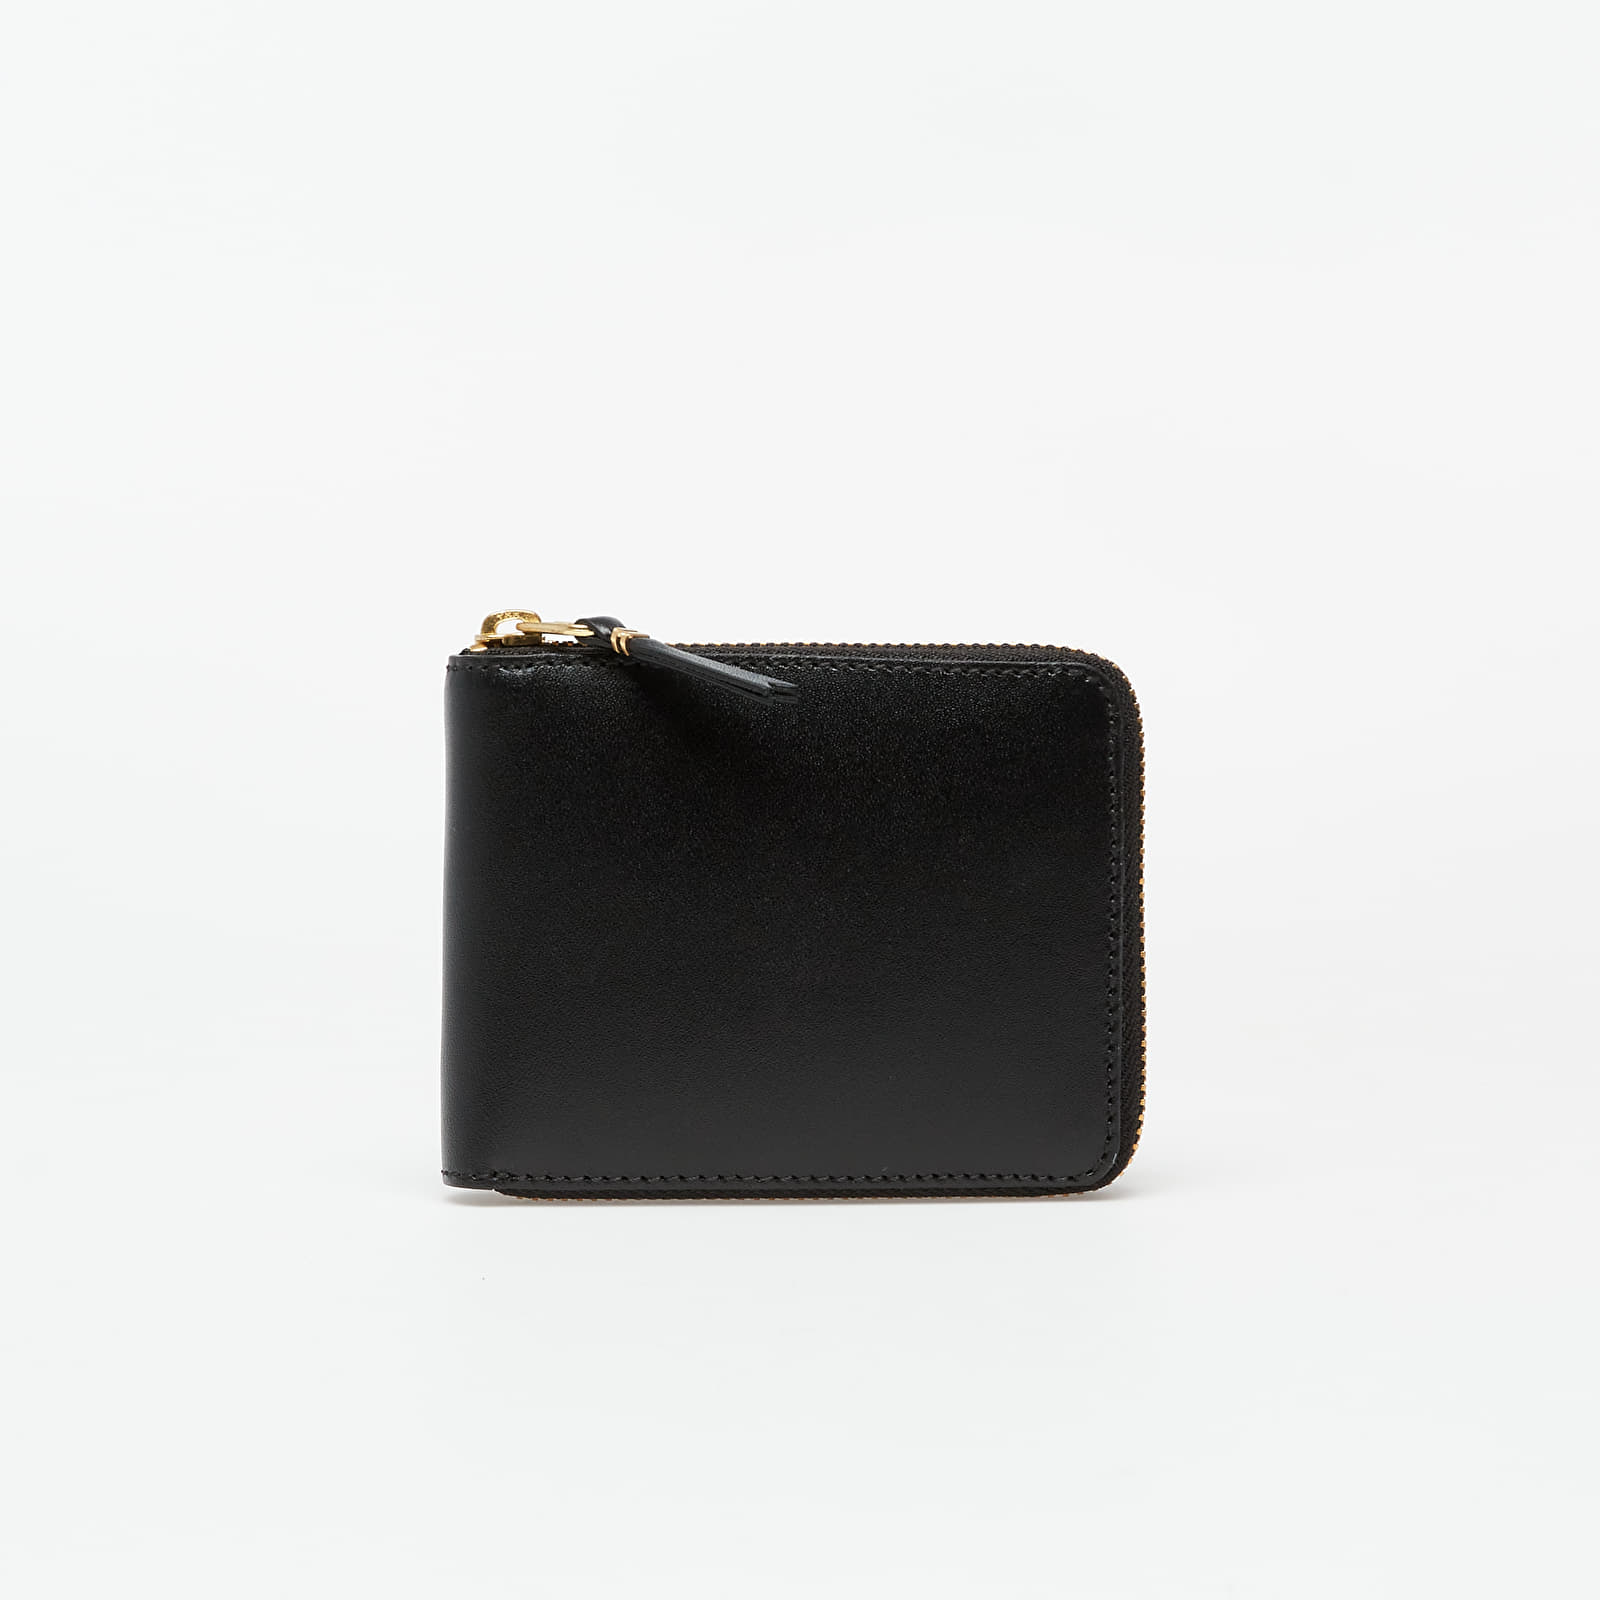 Portefeuilles Comme des Garçons Classic Wallet Black